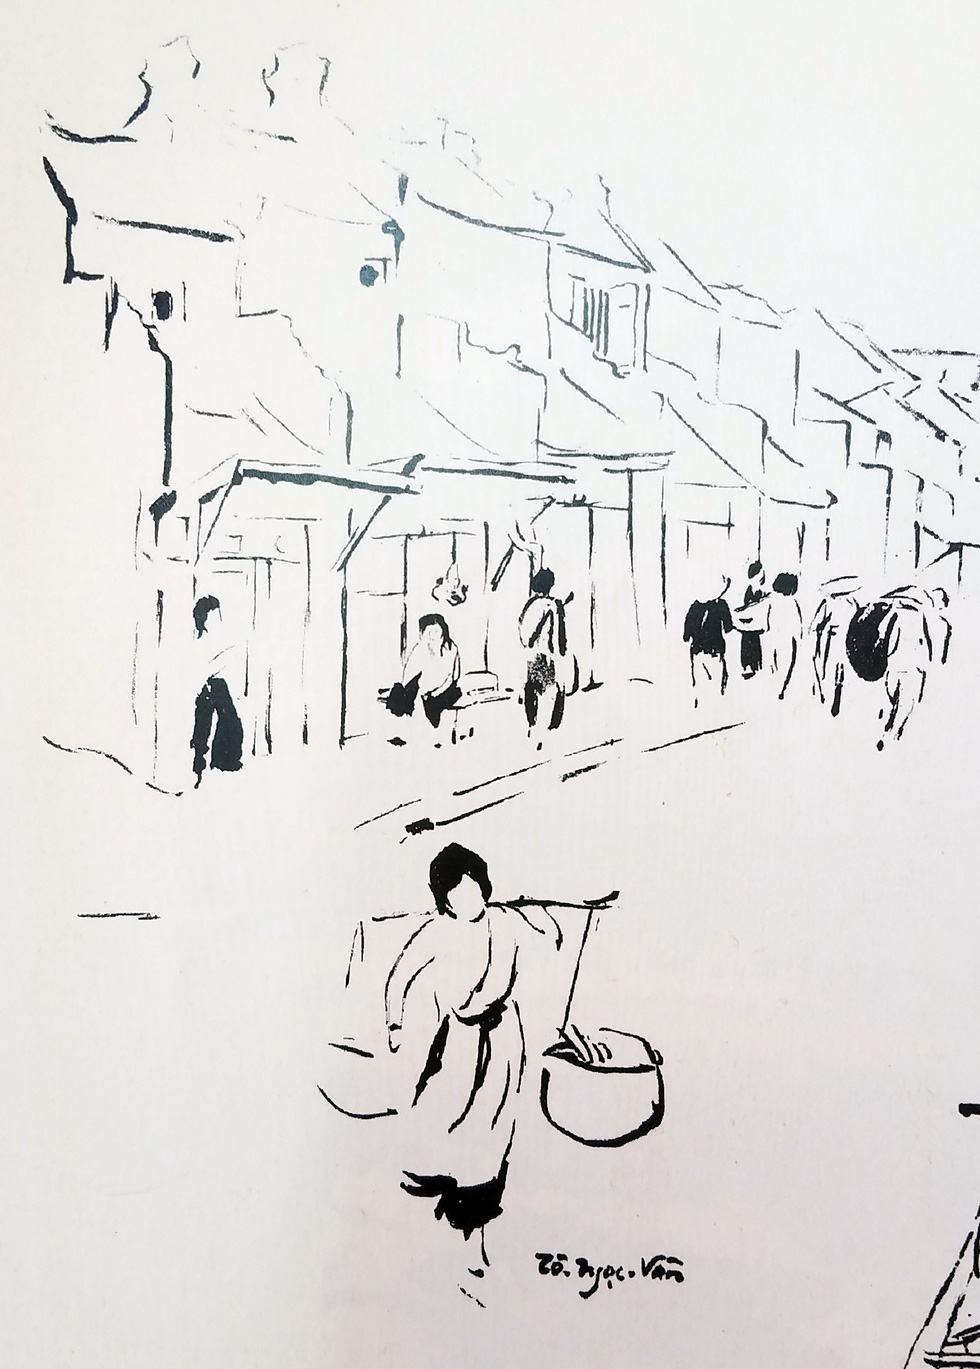 Ngắm hàng rong và nghe tiếng rao hàng trên phố Hà Nội xưa - Ảnh 2.